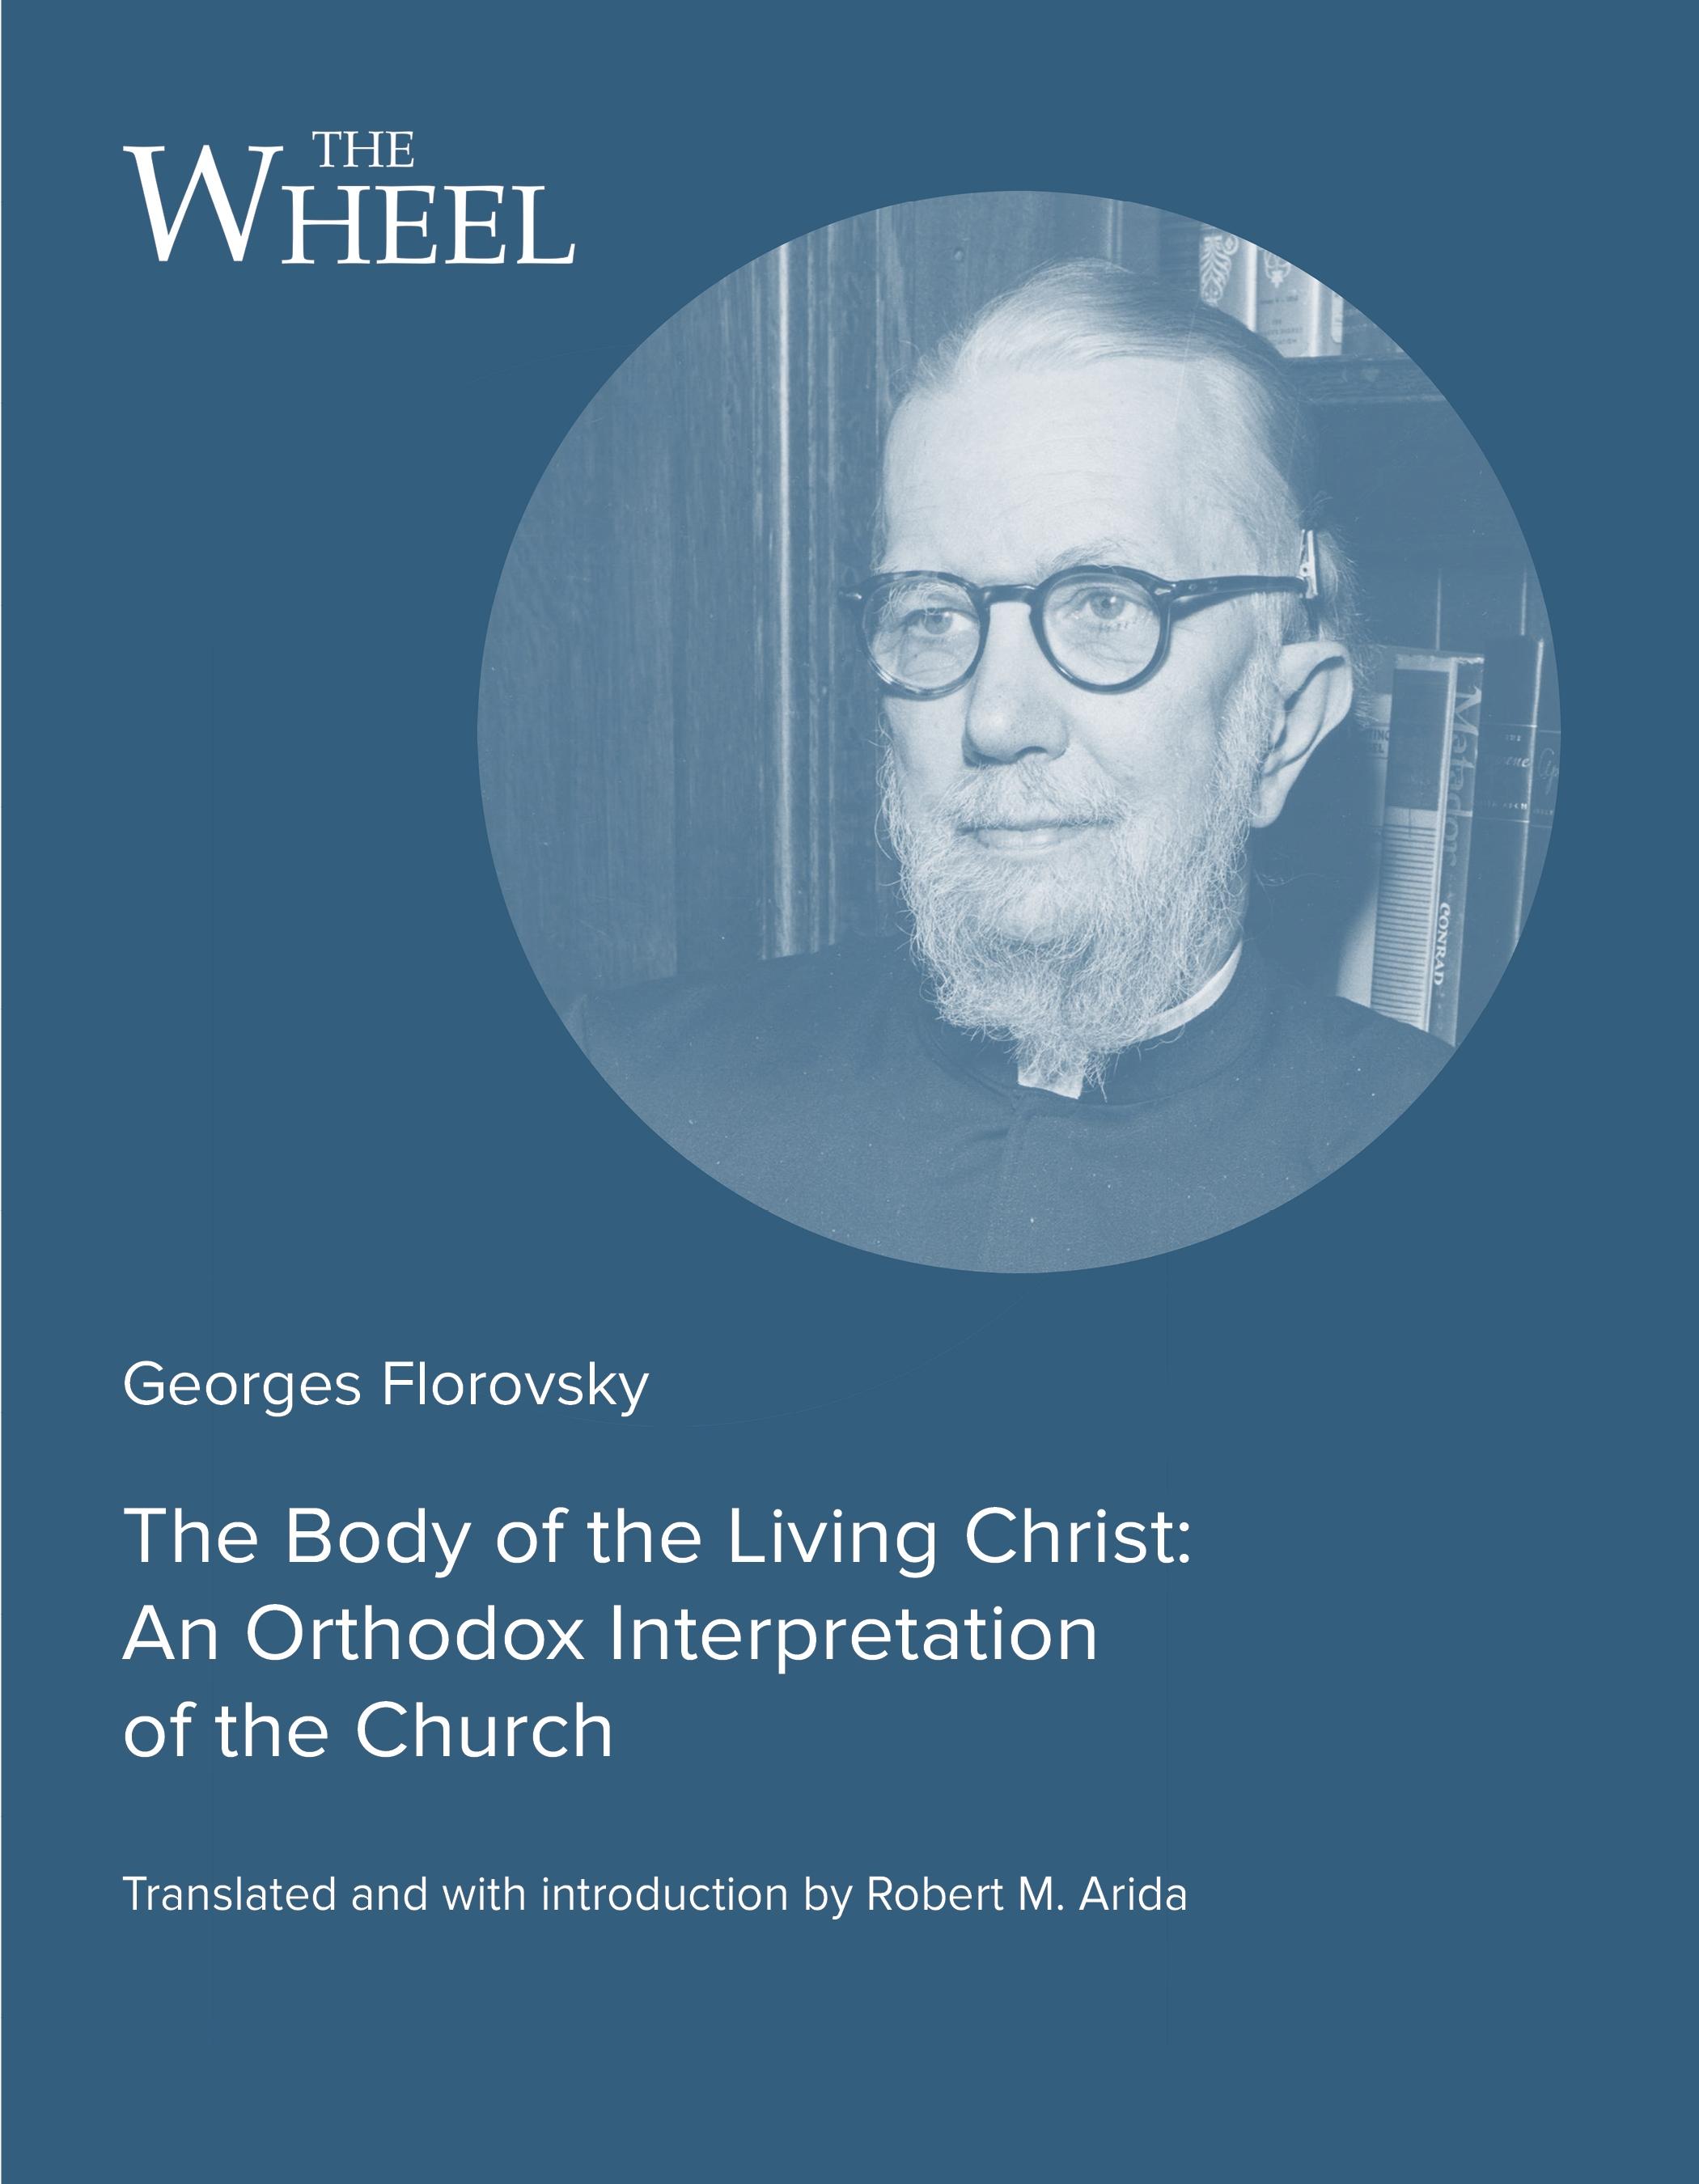 florovsky book cover.jpg